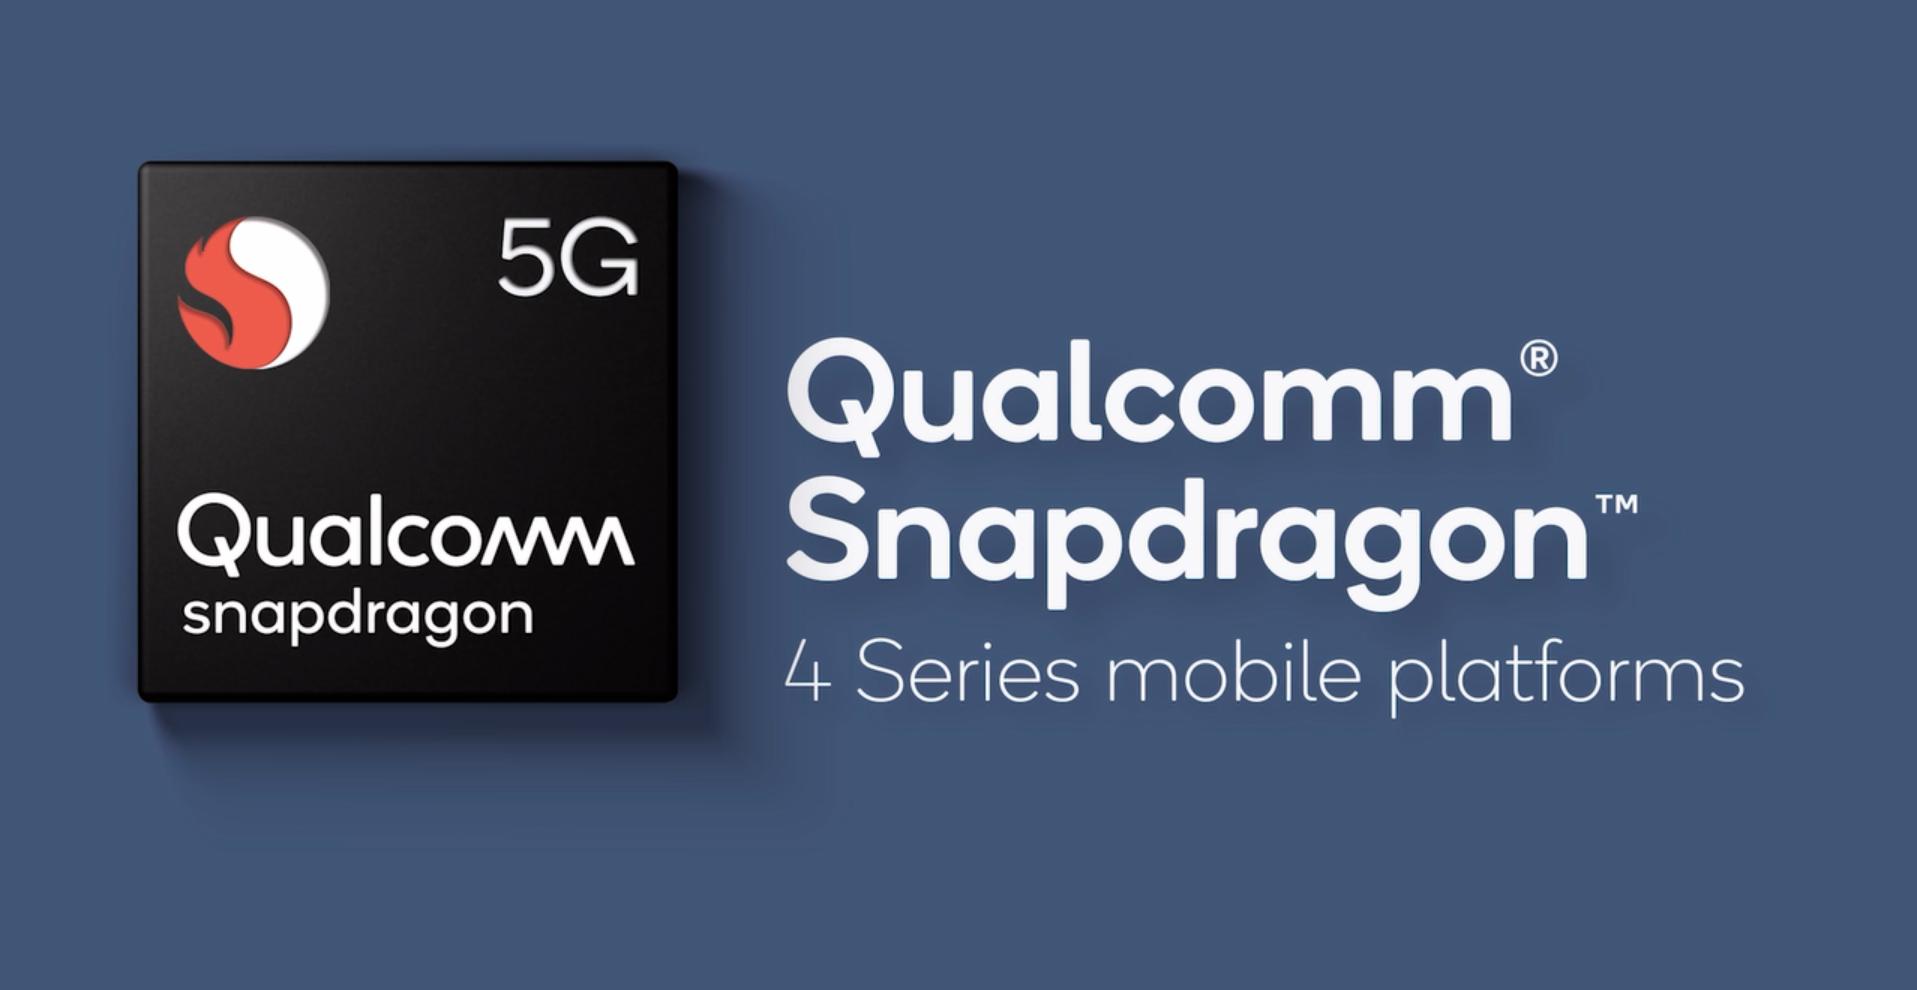 更平價的 5G 手機即將登場,高通宣佈將 5G 擴展至 Snapdragon 4 系列處理器